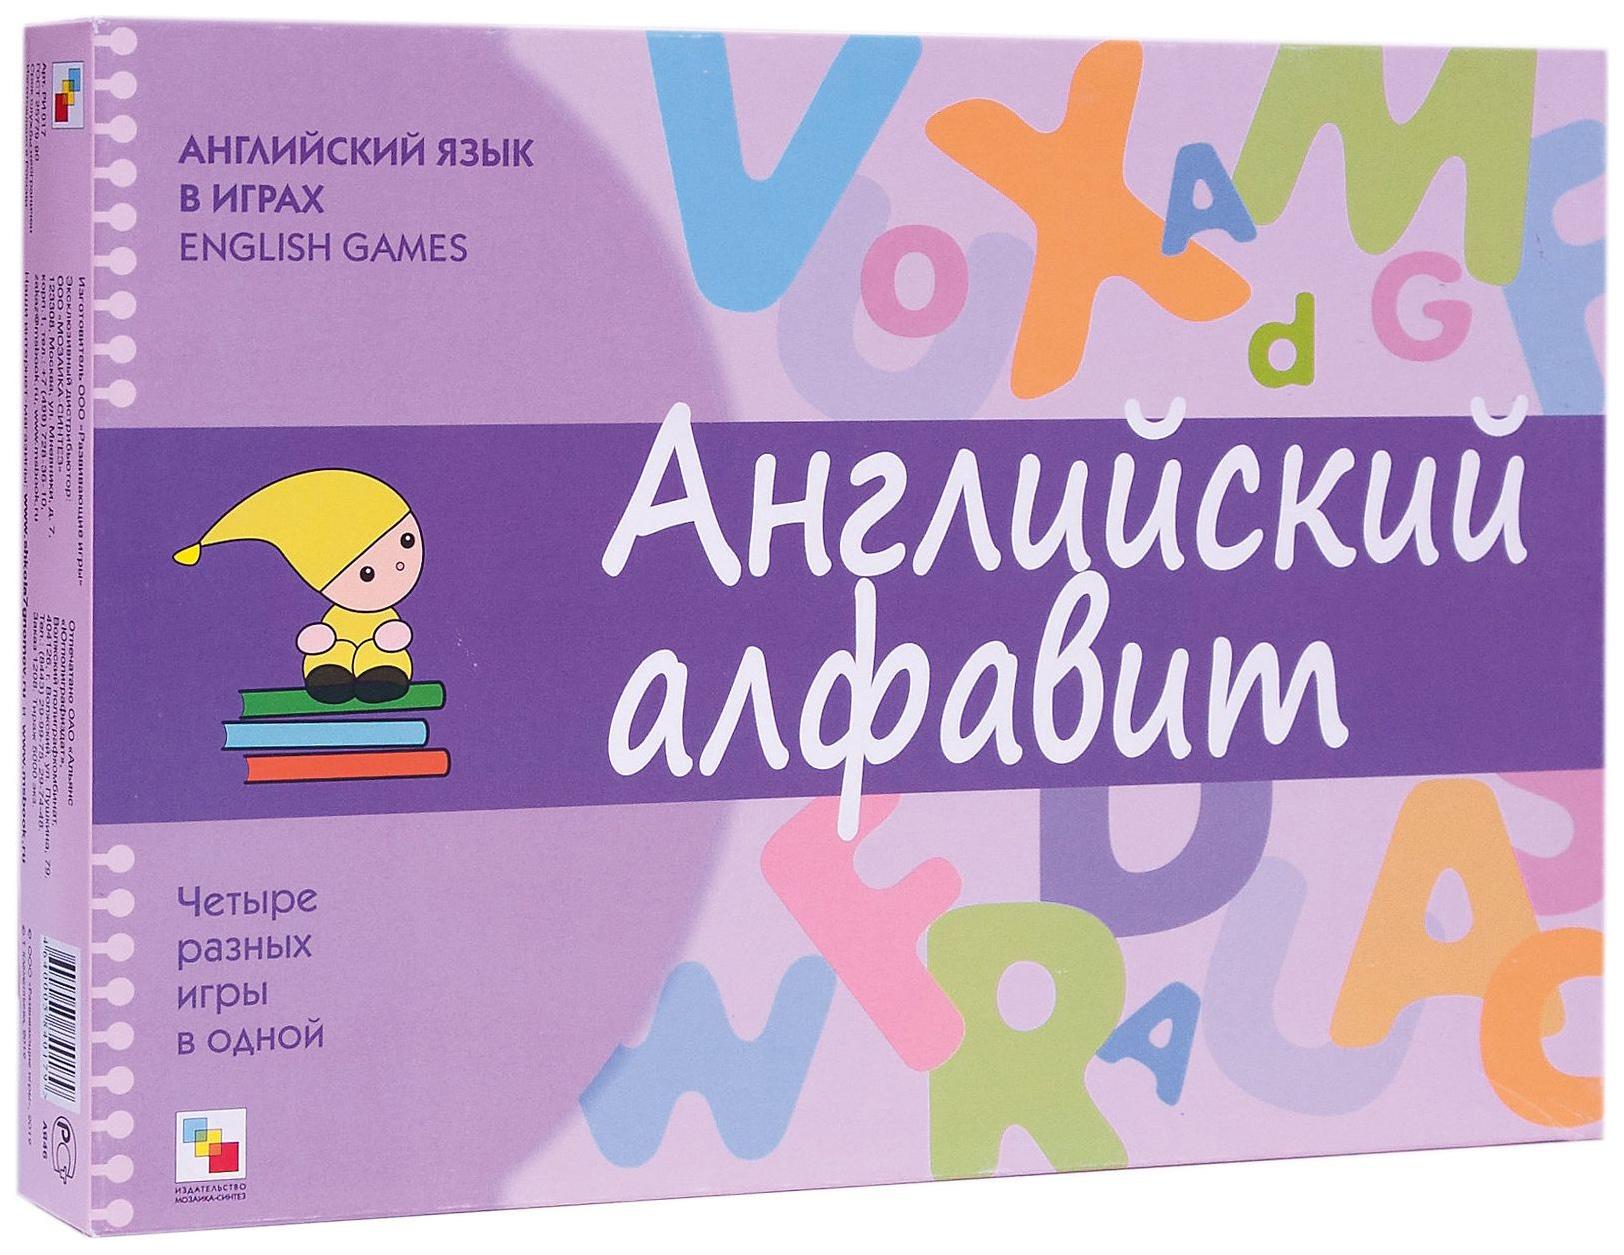 Английский Язык В Играх, Английский Алфавит фото